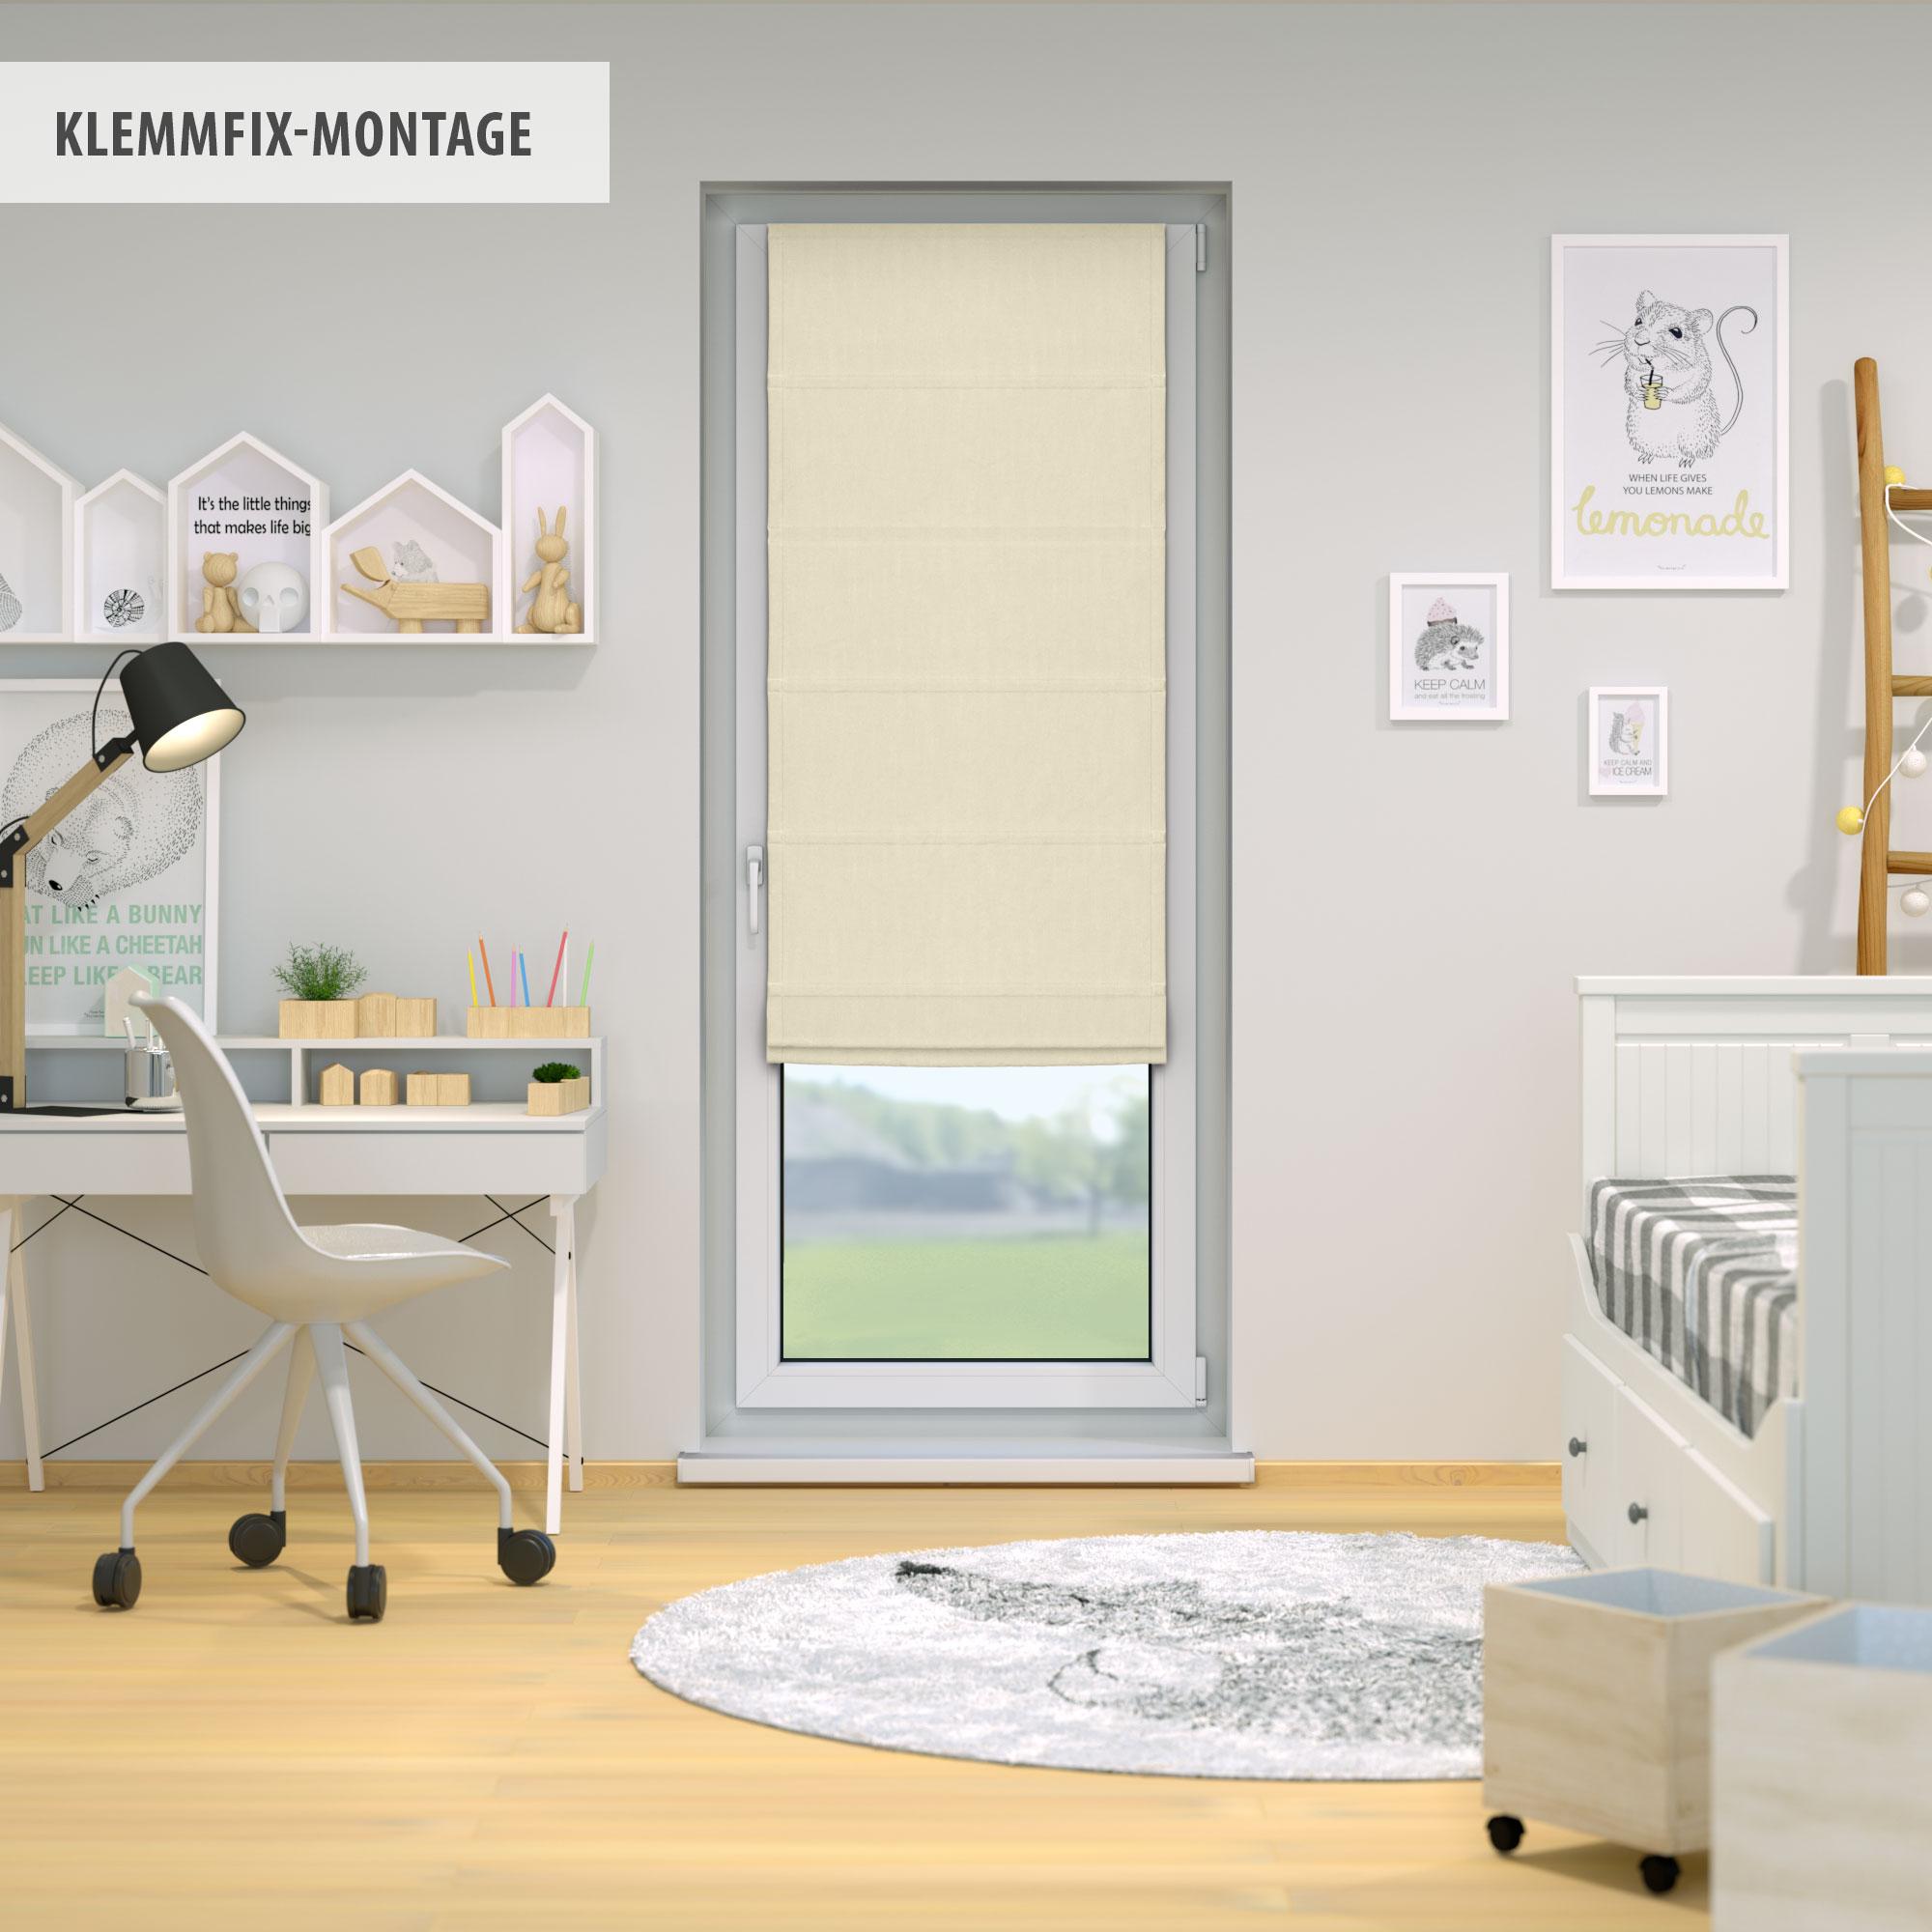 Raffrollo-Faltrollo-Klemmfix-ohne-Bohren-Fenster-Raffgardine-Gardine-VICTORIA-M Indexbild 37